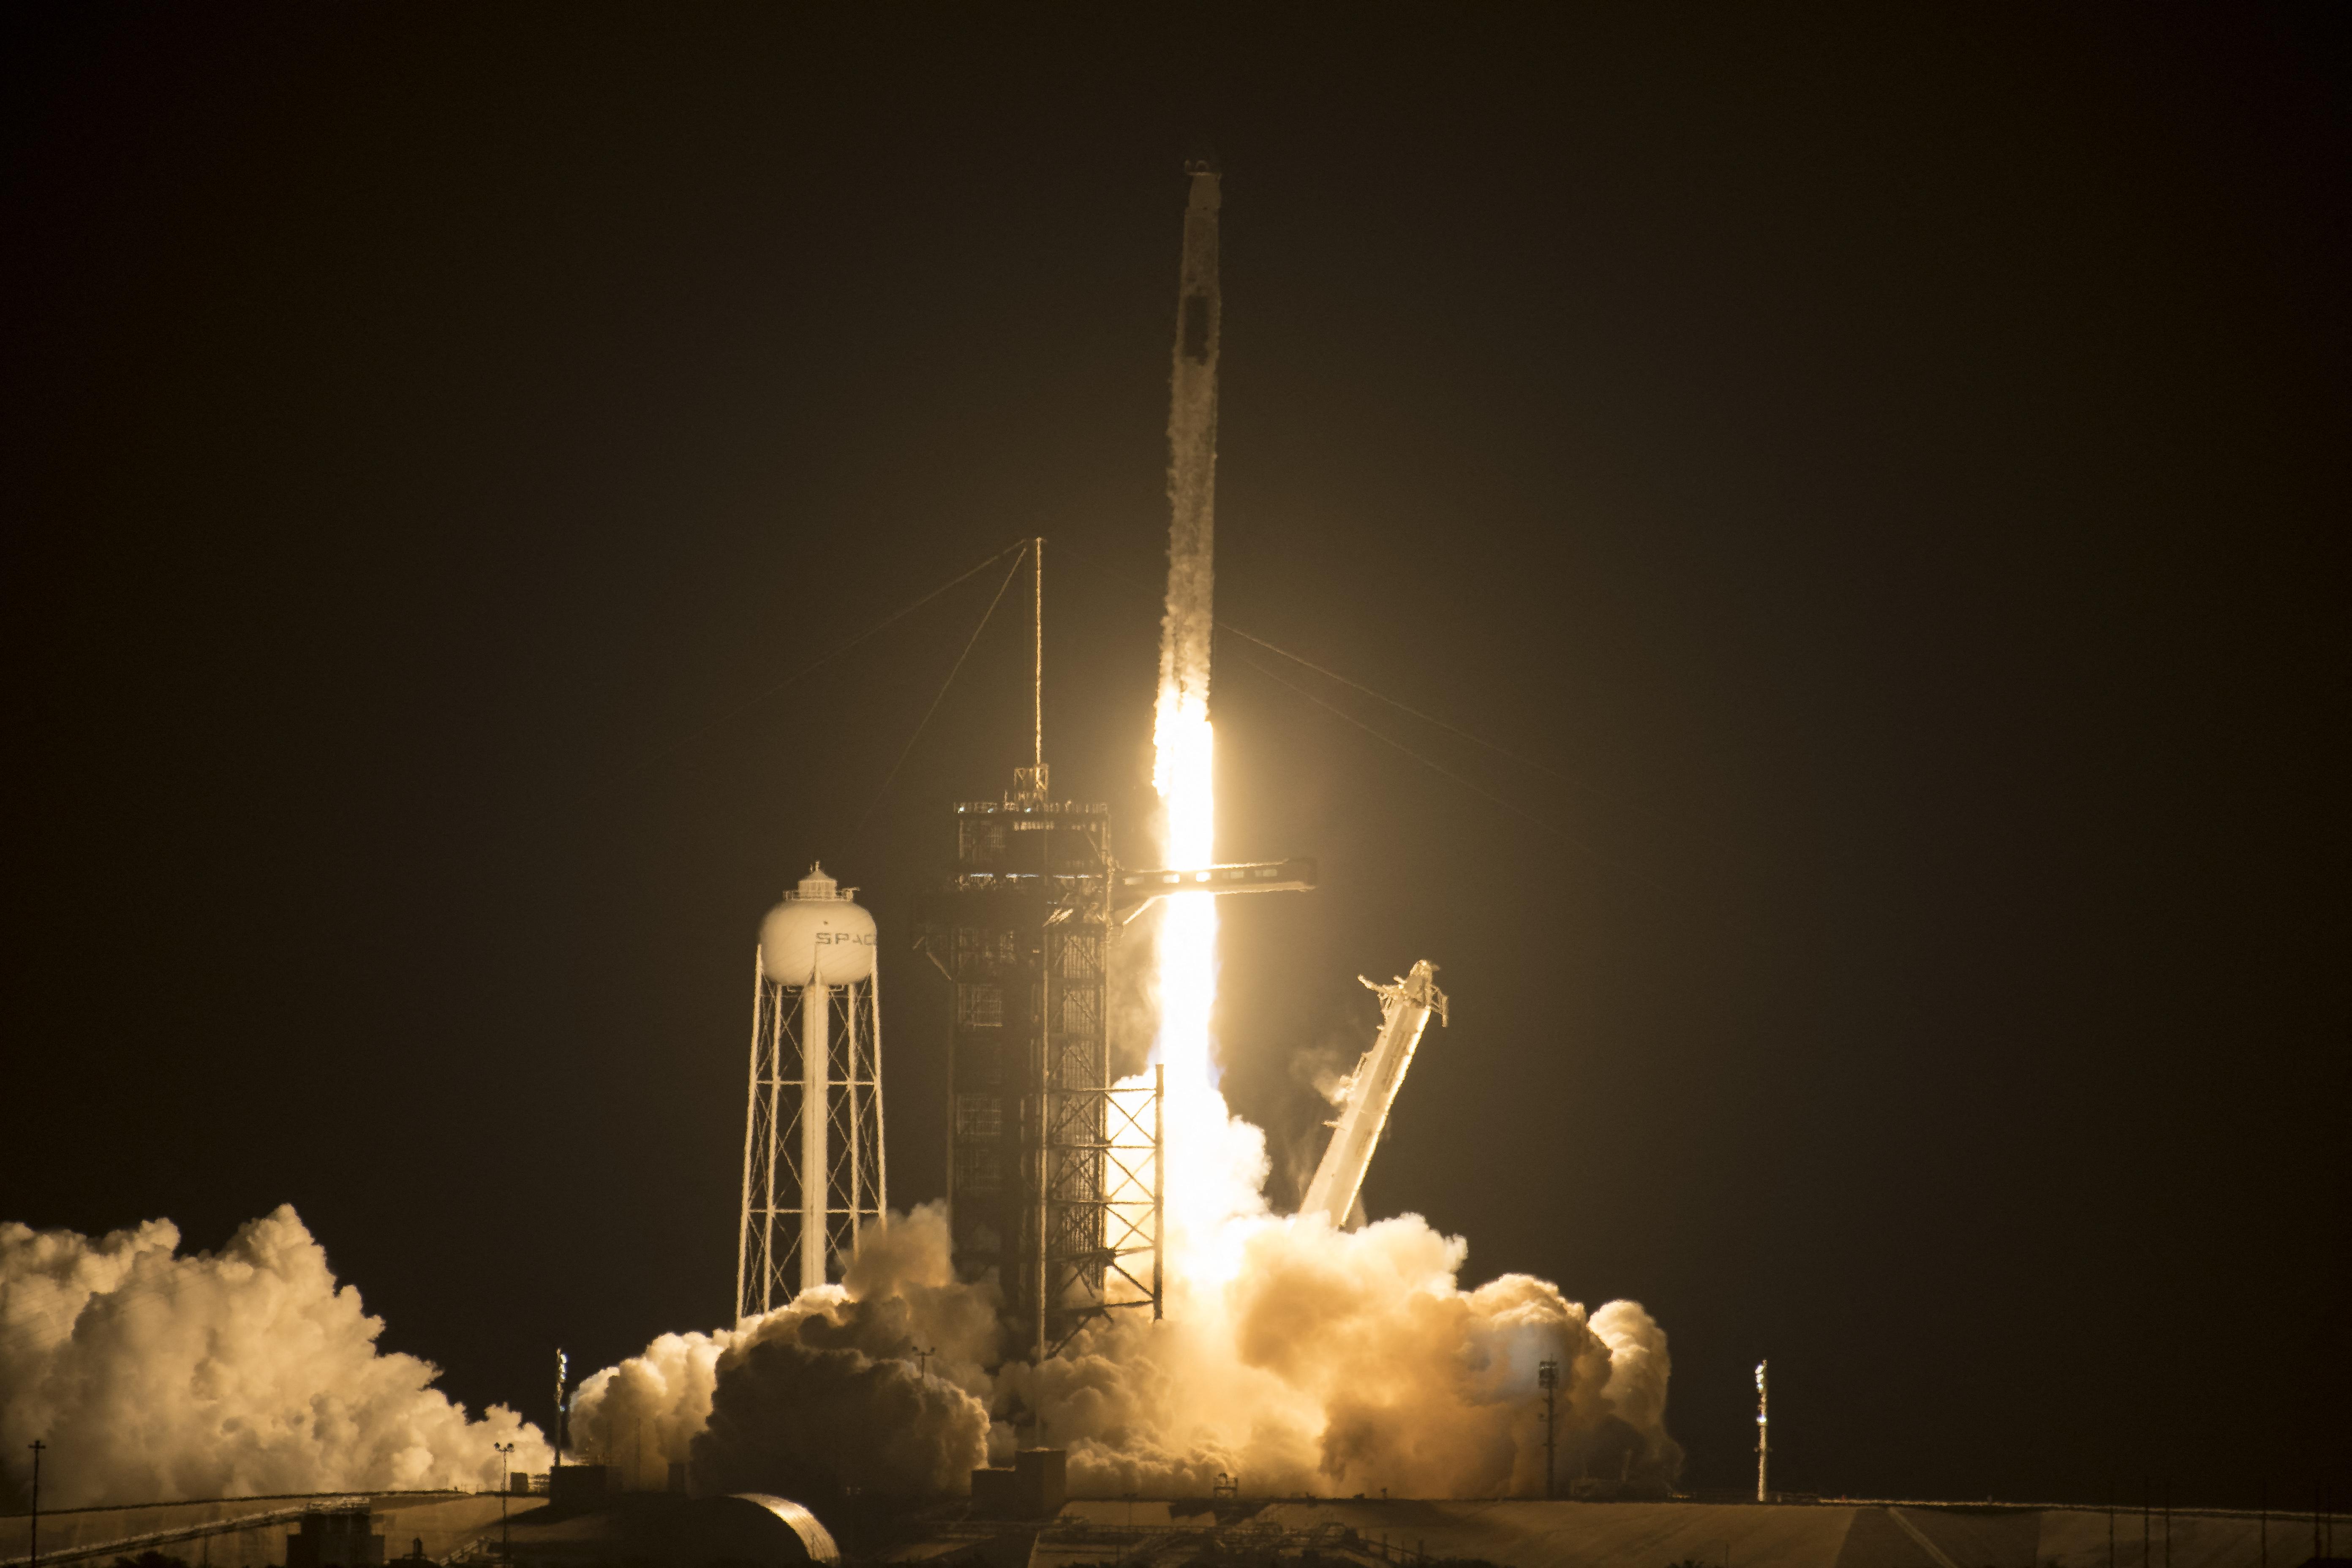 Kilőttek az űrbe négy asztronautát a SpaceX űrhajójával